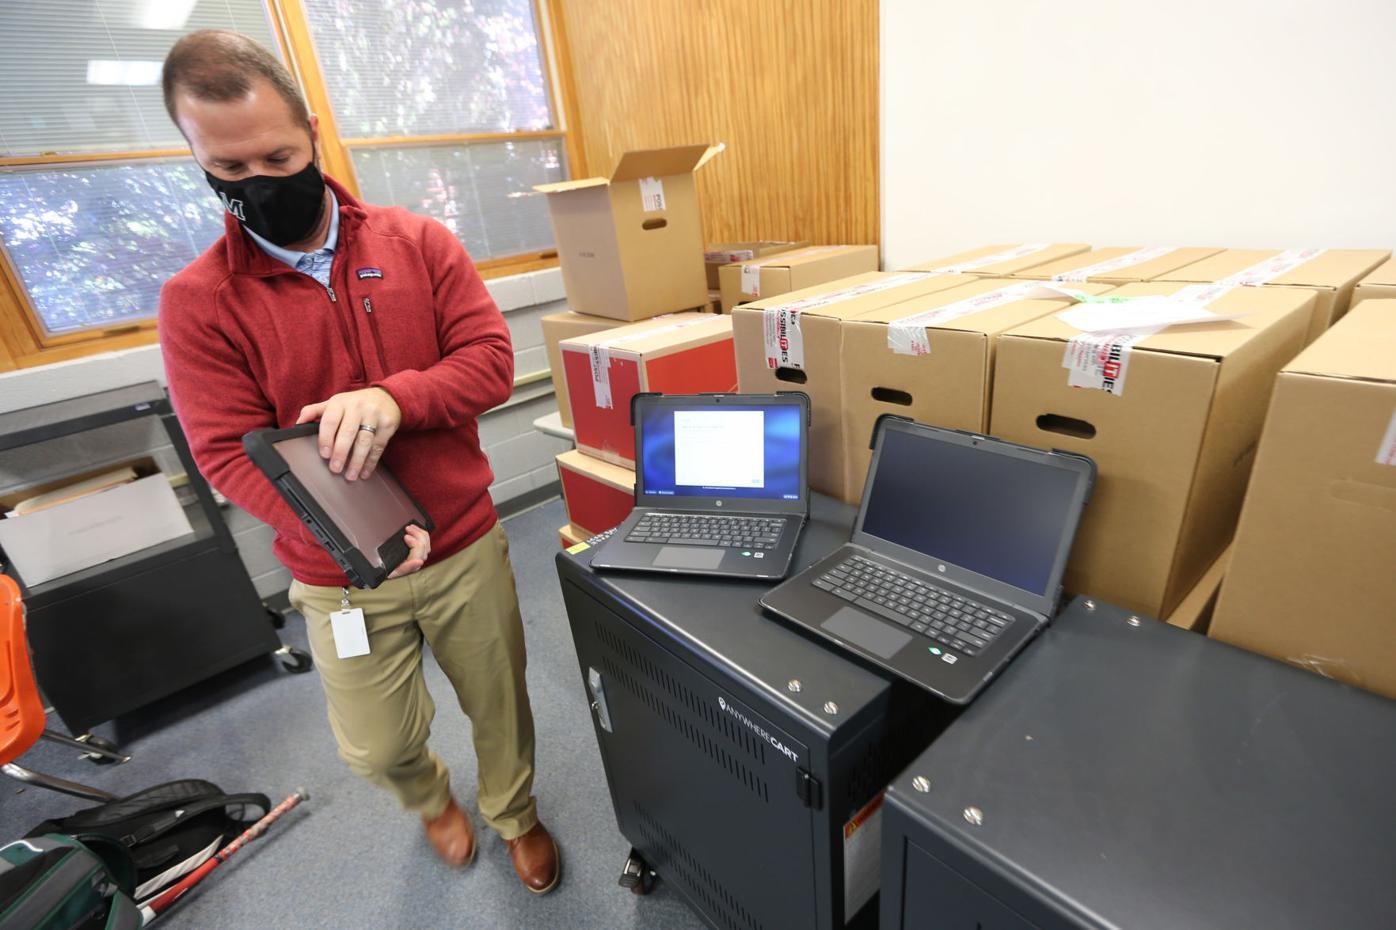 djr-2020-11-17-news-mooreville-laptops-arp2